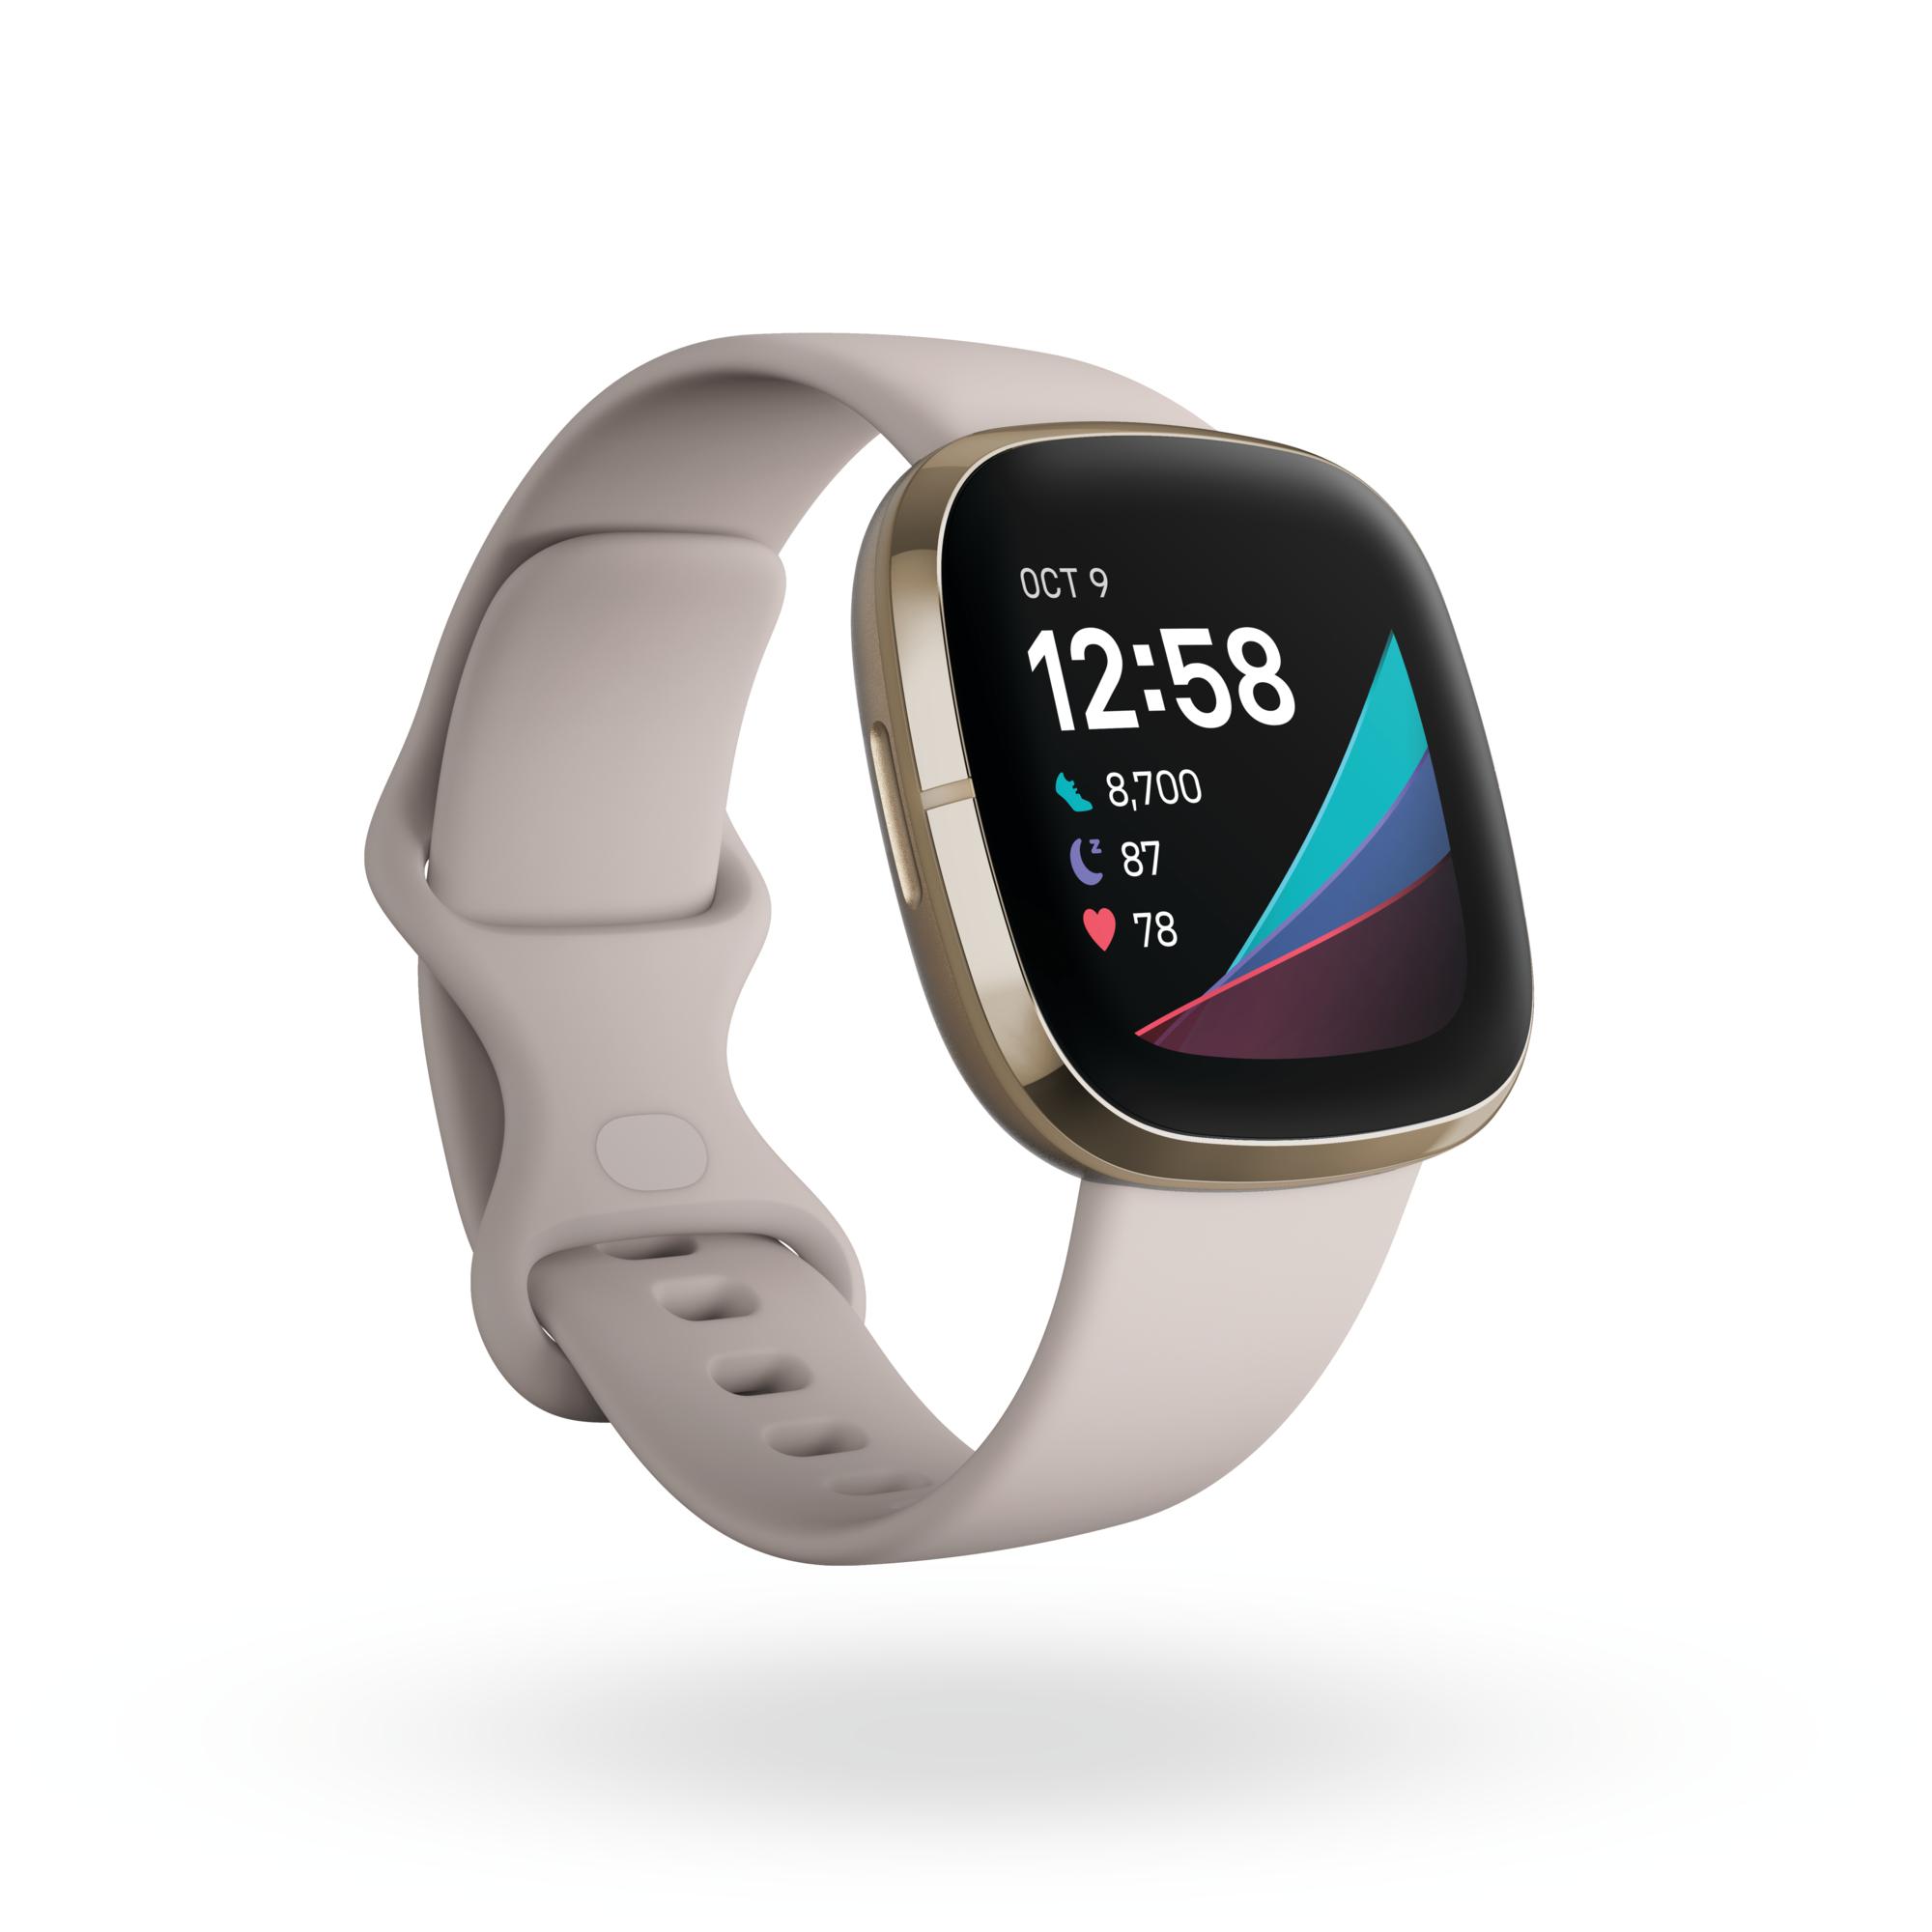 Fitbit_Sense_Render_3QTR_Core_Lunar_White_Soft_Gold_Clock_Default_Shadow